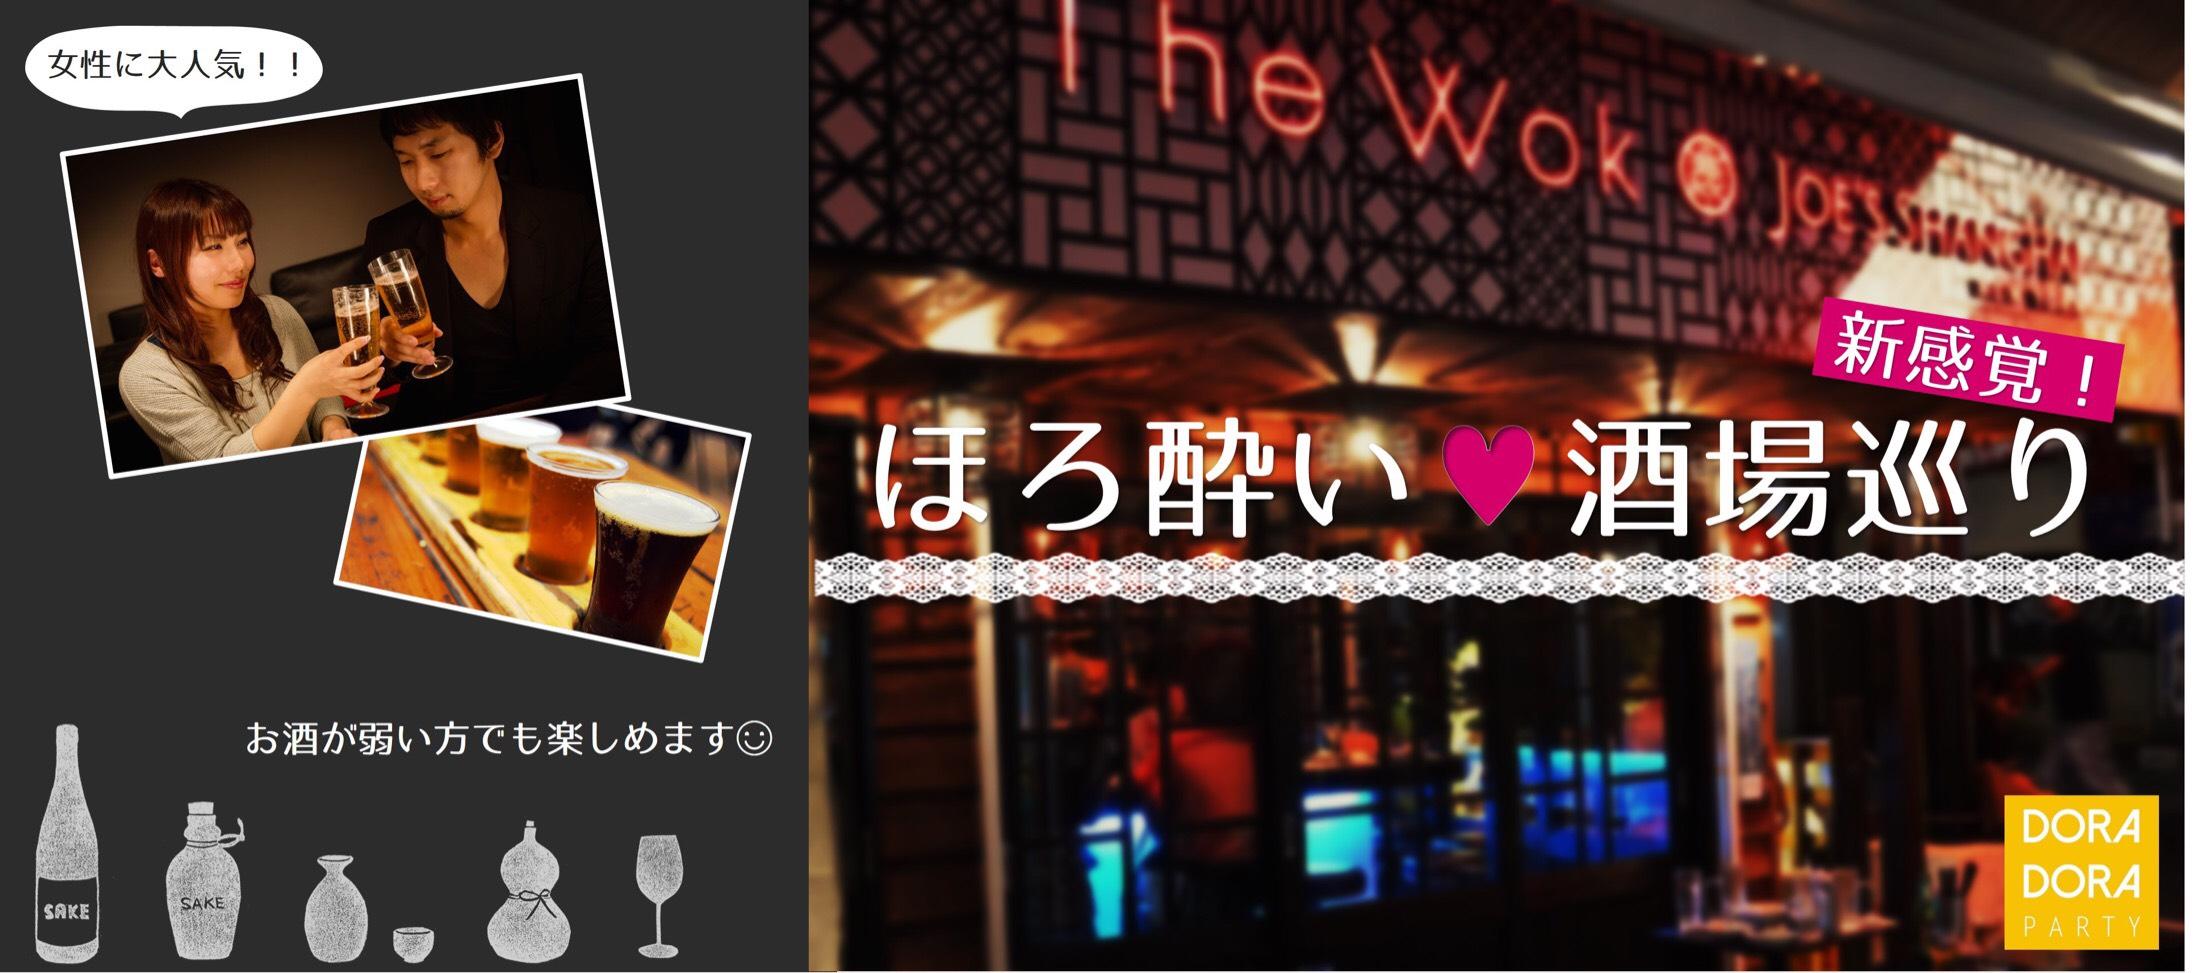 3/18 新橋 20代限定!遂にやってきました!!  新感覚!!新橋で「グルメ×出会い」を楽しめる女性に優しいほろ酔い酒場巡りコン☆